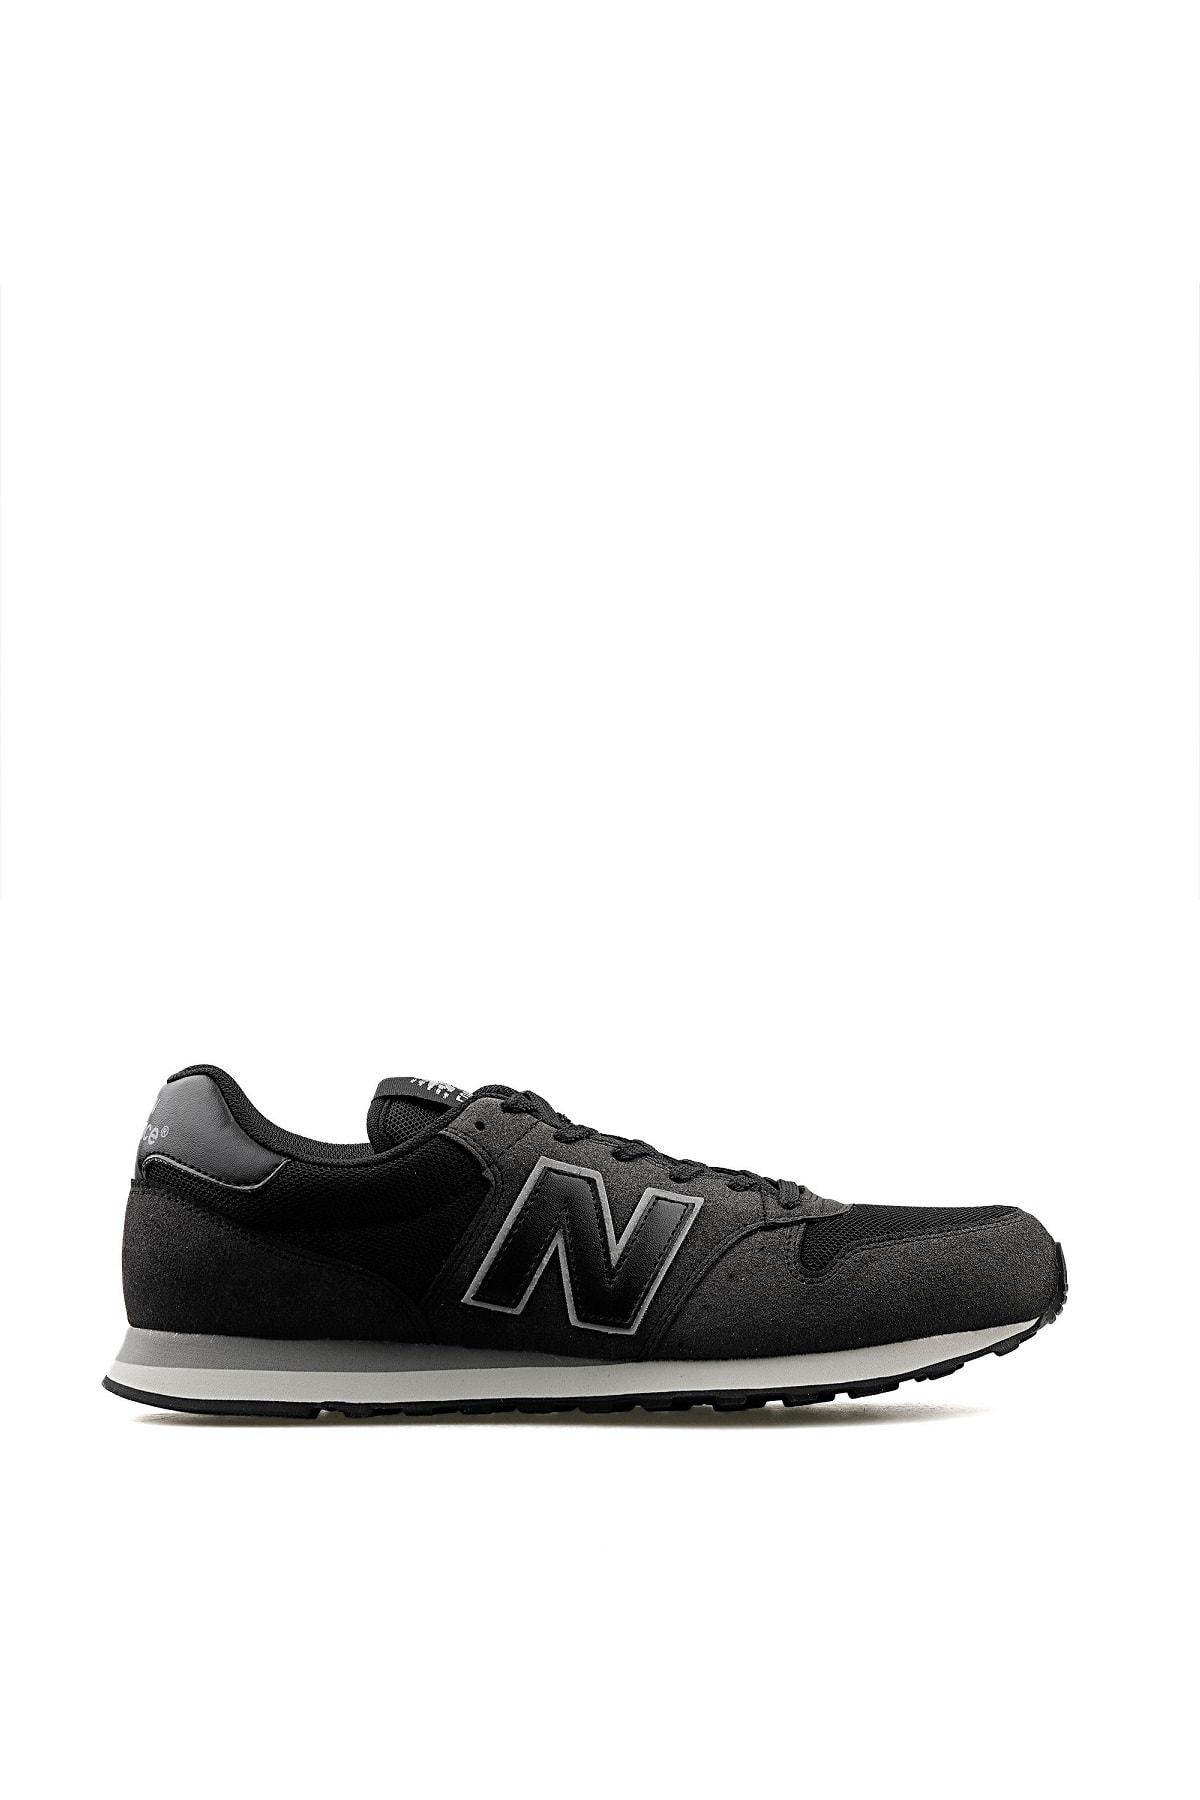 New Balance Erkek Koşu & Antrenman Ayakkabısı - Lifestyle - GM500TLO 1